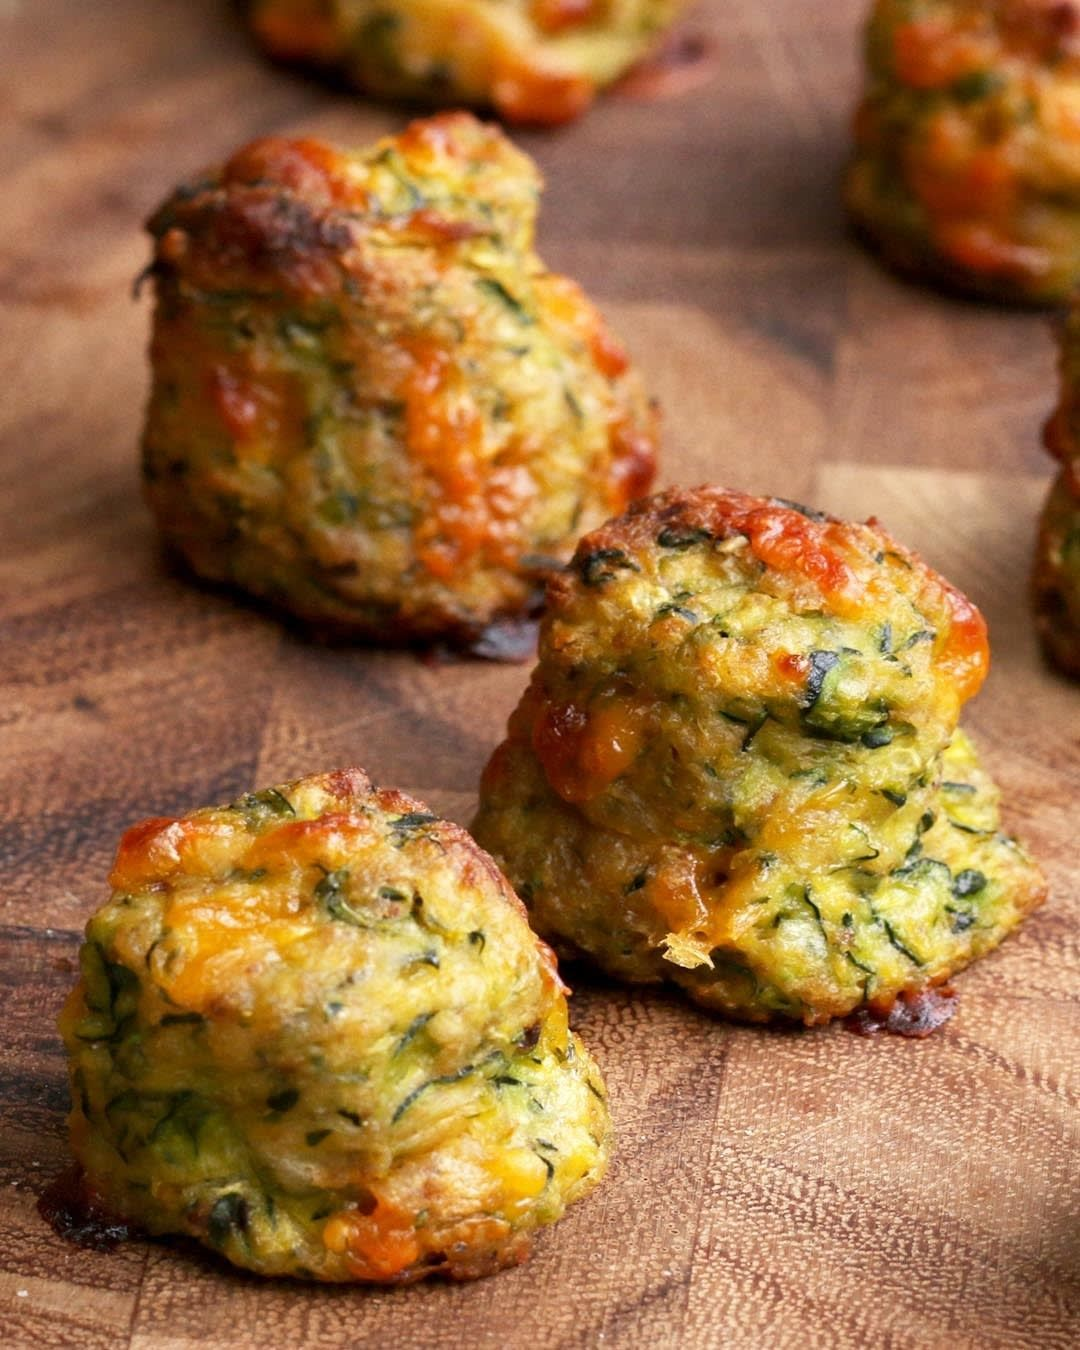 Zucchini Tots Food, Recipes, Zucchini tots